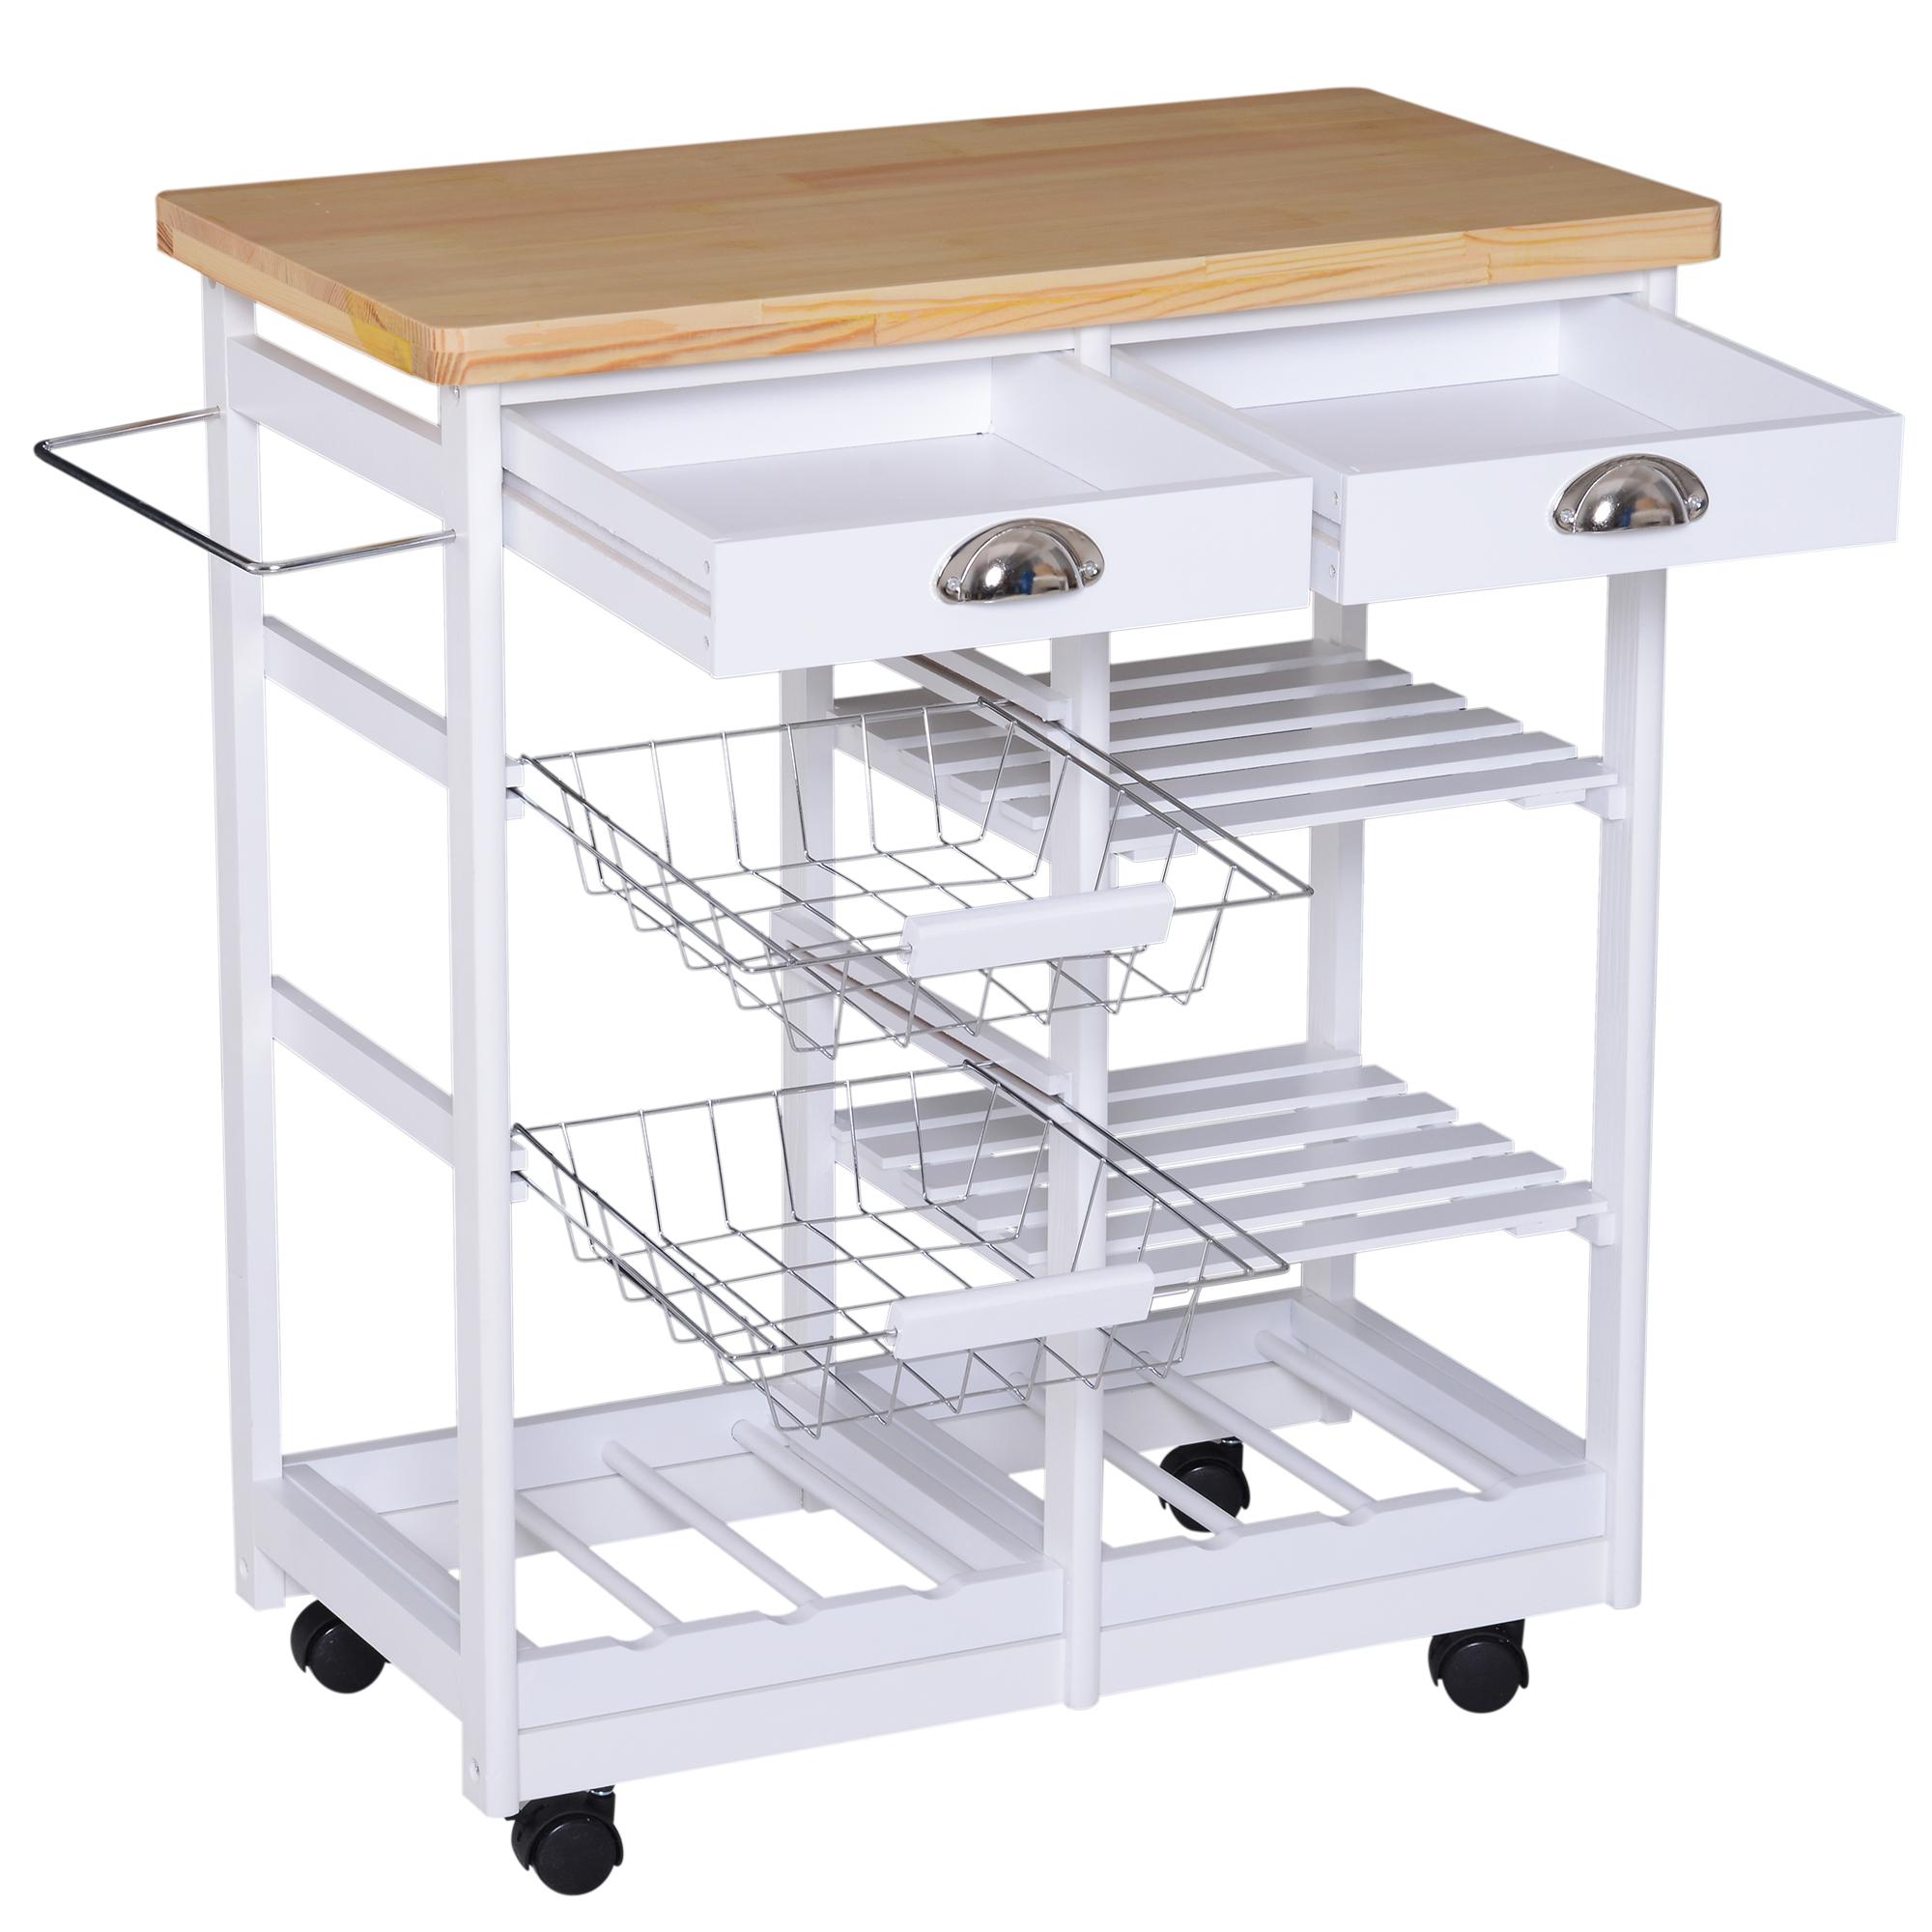 Details zu Küchenwagen Servierwagen Rollwagen Beistellwagen Küchentrolley  mit Schubladen